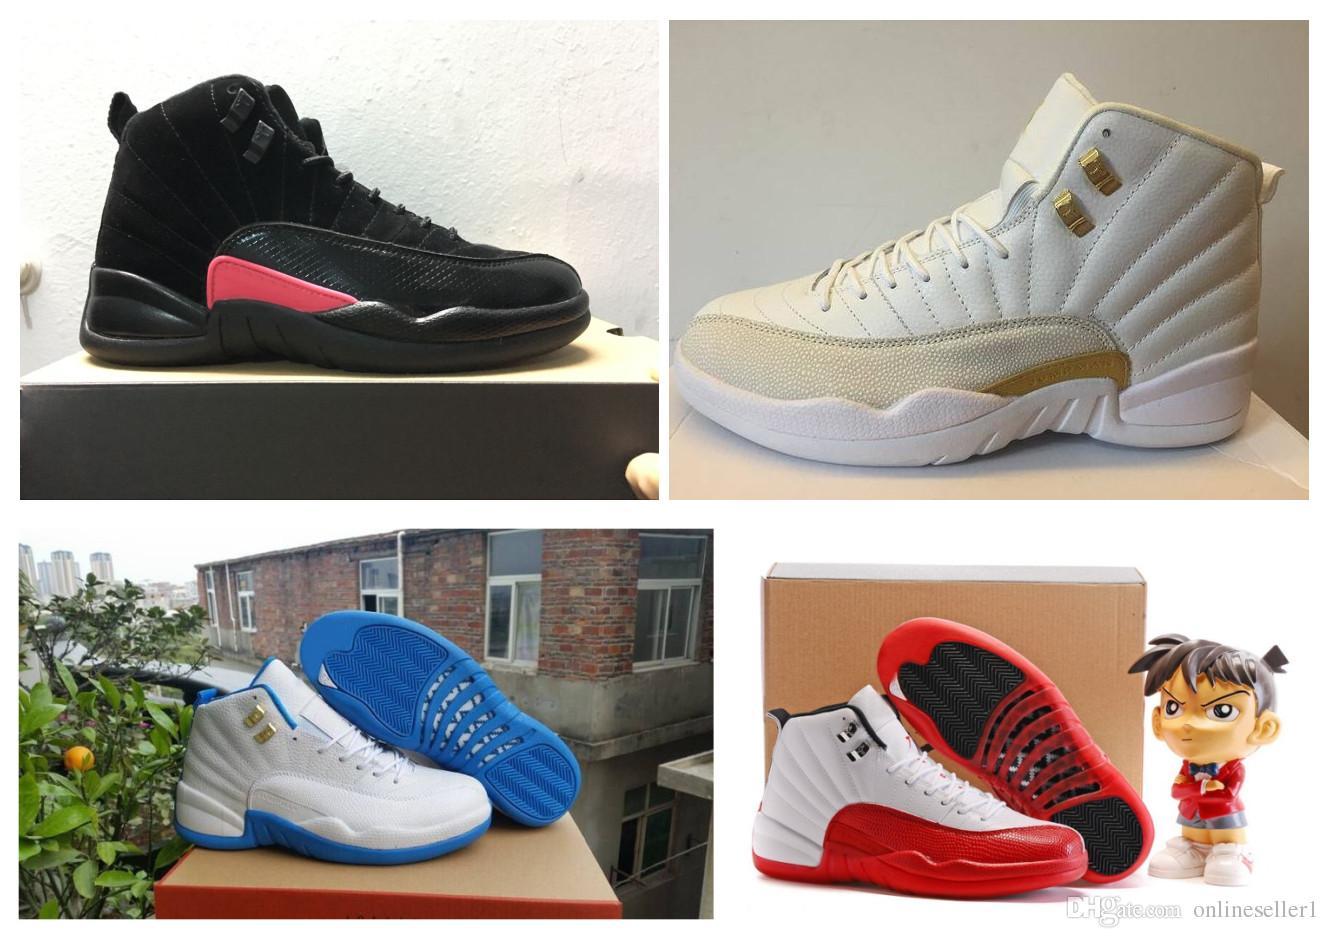 12s clássico Mens tênis de basquete Sneakers OVO Branco Preto Gym Red turma de 2003 Azul Bege 12 sapatos tênis para homem com caixa